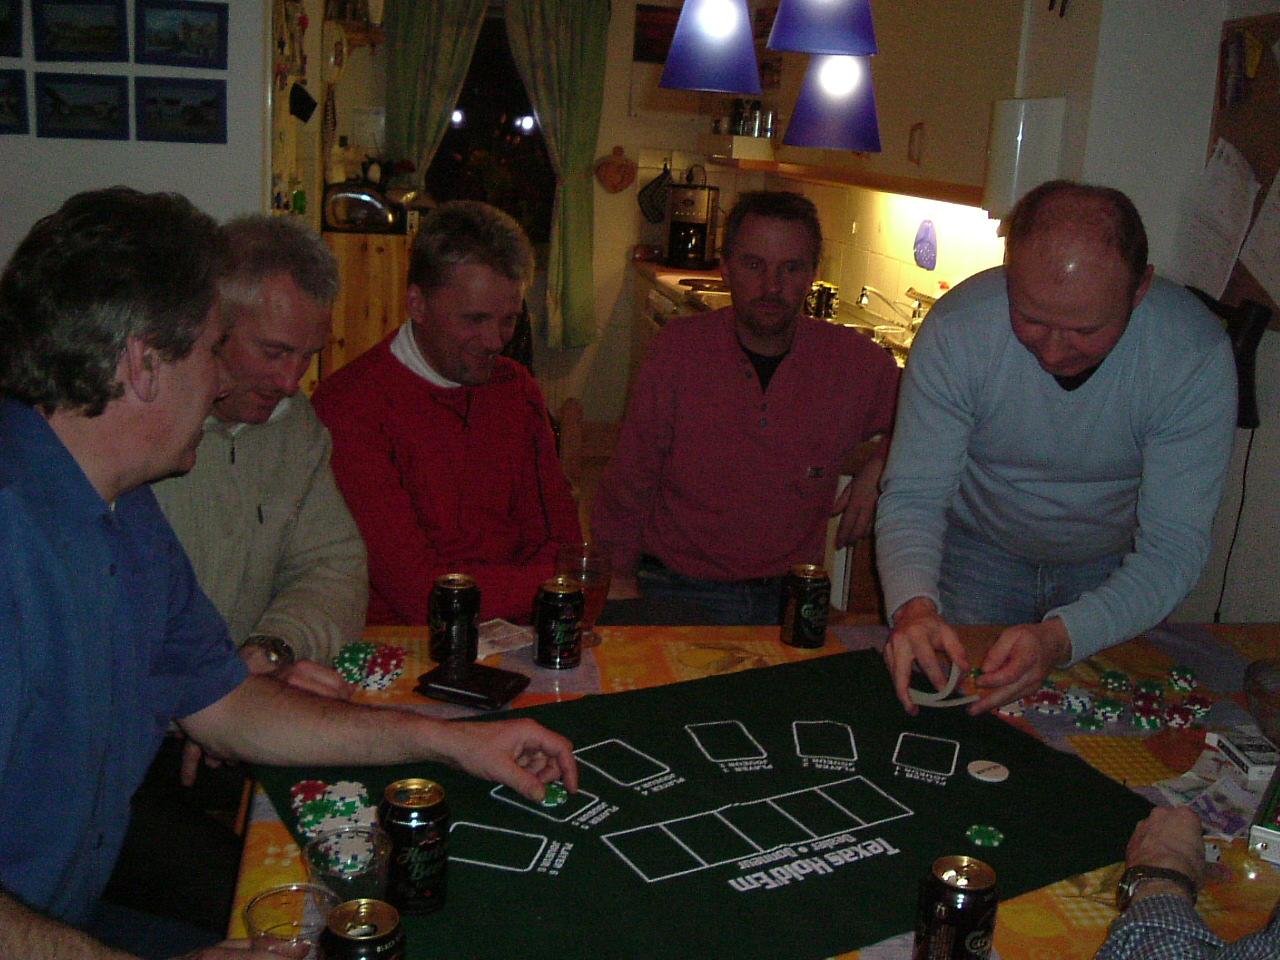 kvarnstensbockarna.se/image/bilder/2003/Träff hos Uffe 2003-03-18/Bild 04. Nya giv.jpg